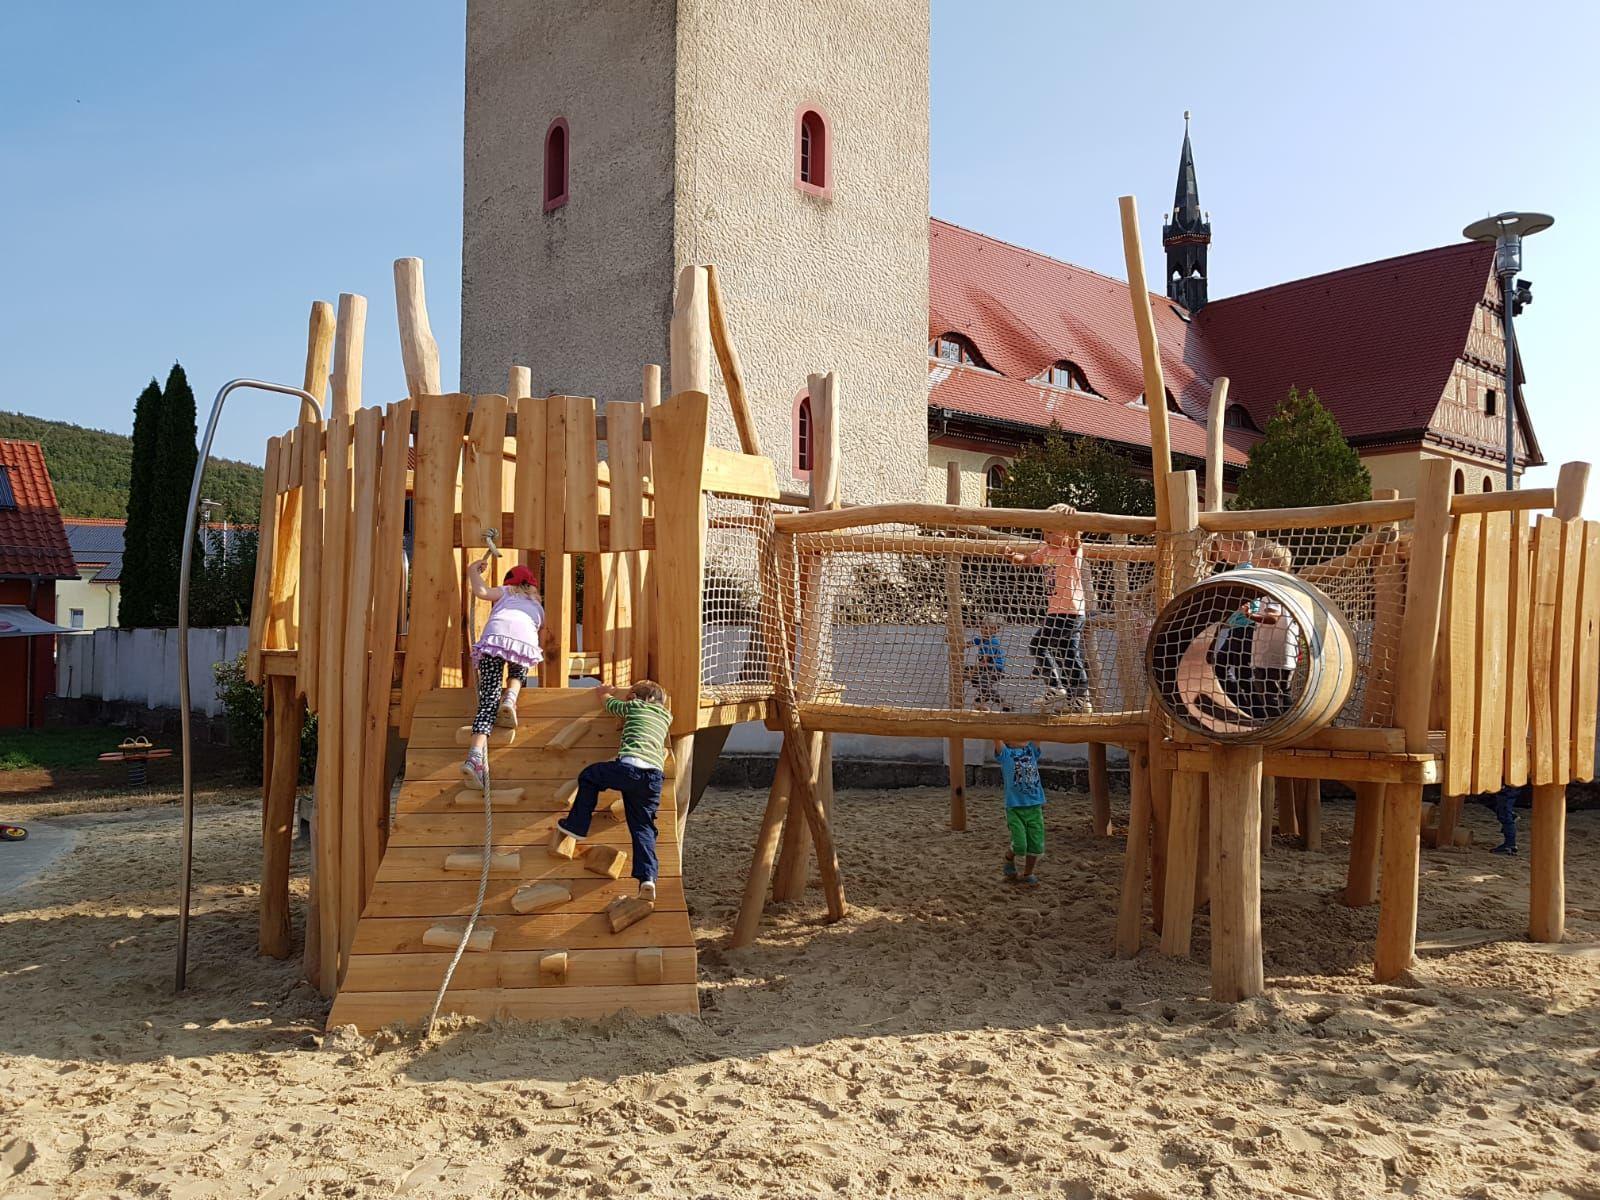 Neuer Spielplatz 3